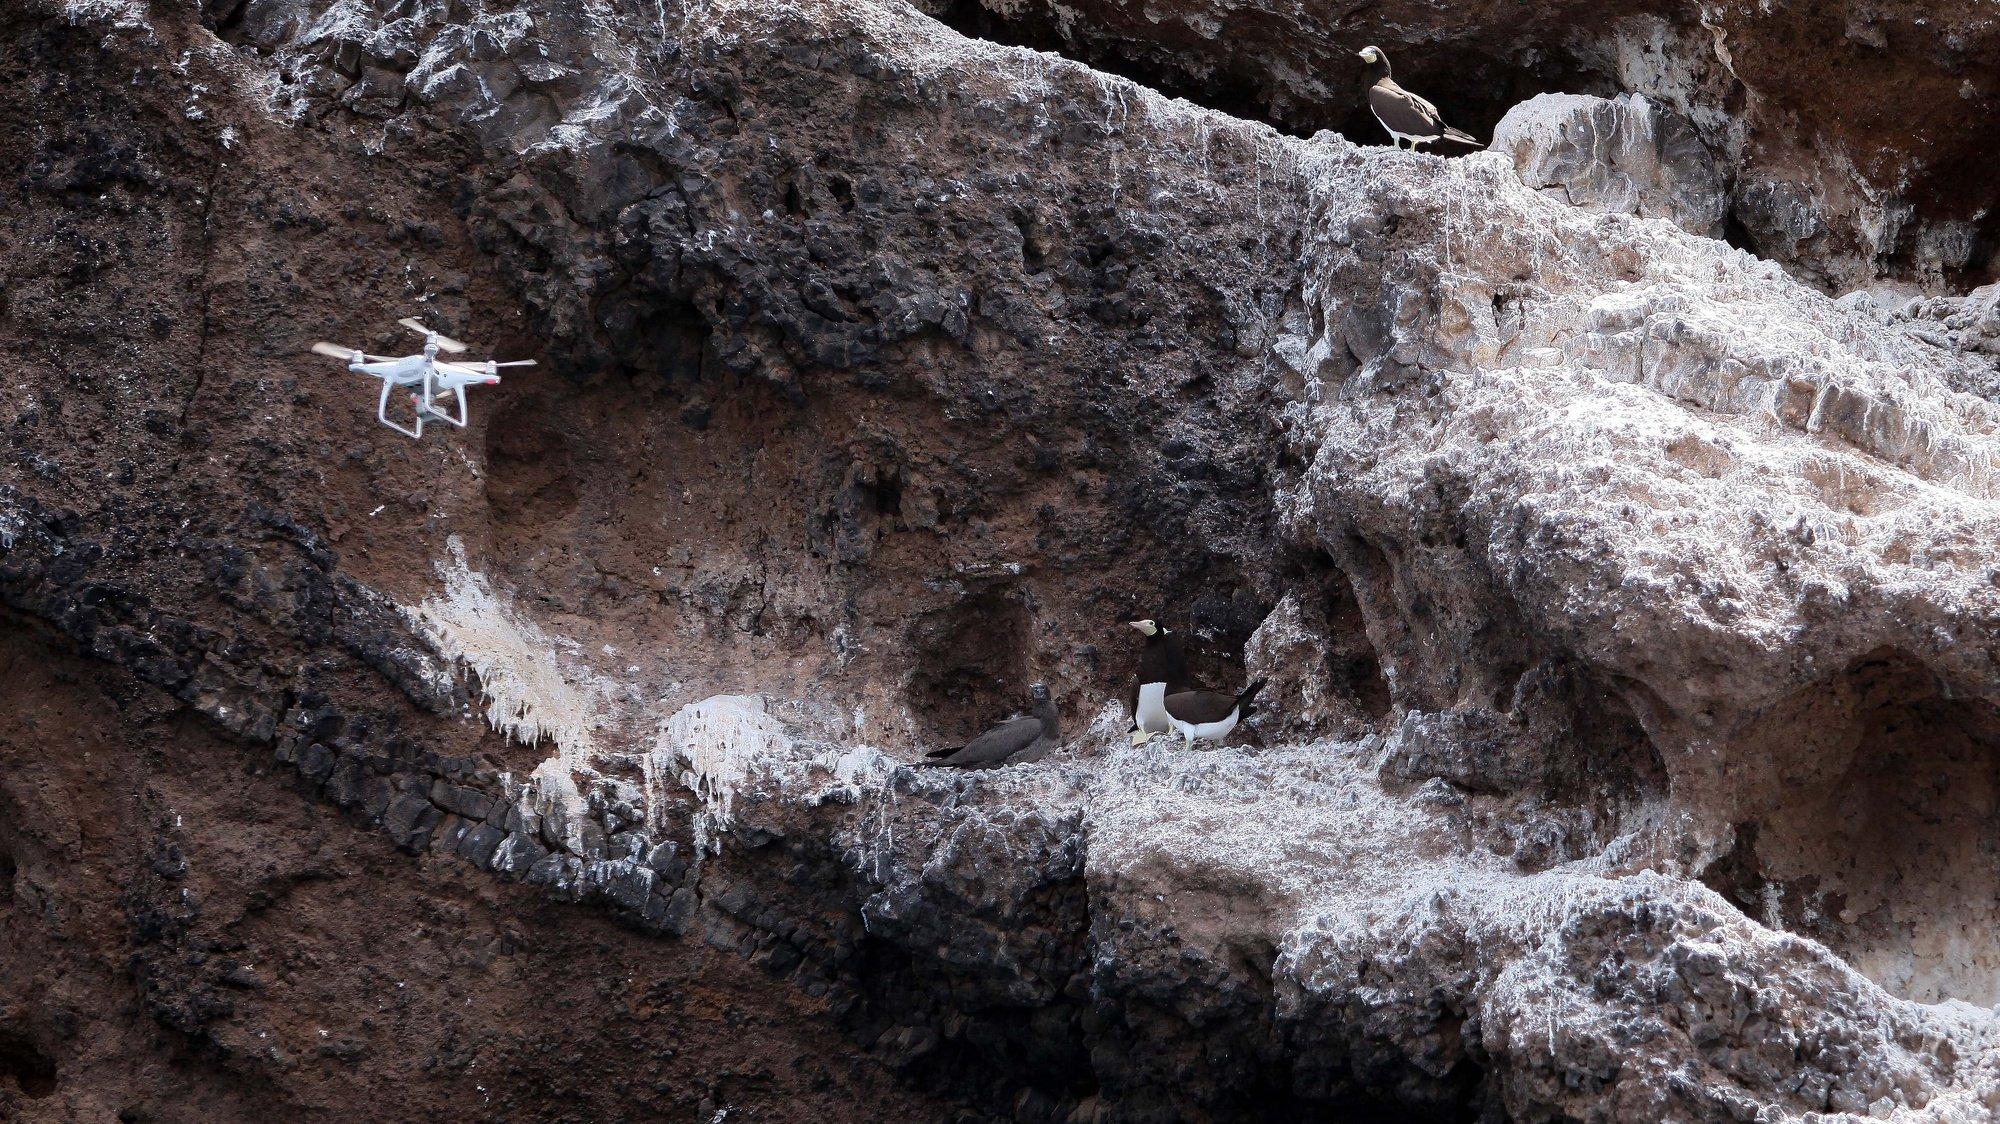 Uma parceria entre a Universidade do Algarve e a organização não-governamental cabo-verdiana Lantuna está a permitir vencer, com drones, a inacessibilidade das falésias da Baía do Inferno, ilha de Santiago, para poder acompanhar a reprodução dos alcatrazes, Praia, Cabo Verde, 19 de março de 2021. Com falésias costeiras que chegam aos 577 metros de altura, como é o caso do Monte Angra, a área da Baía do Inferno, entre os concelhos de Santa Catarina e Ribeira Grande, conjuga a presença de umas das maiores biodiversidades do arquipélago, desde logo em aves marinhas, com a inacessibilidade em algumas zonas. (ACOMPANHA TEXTO DE 23 DE MARÇO DE 2021). FERNANDO DE PINA/LUSA